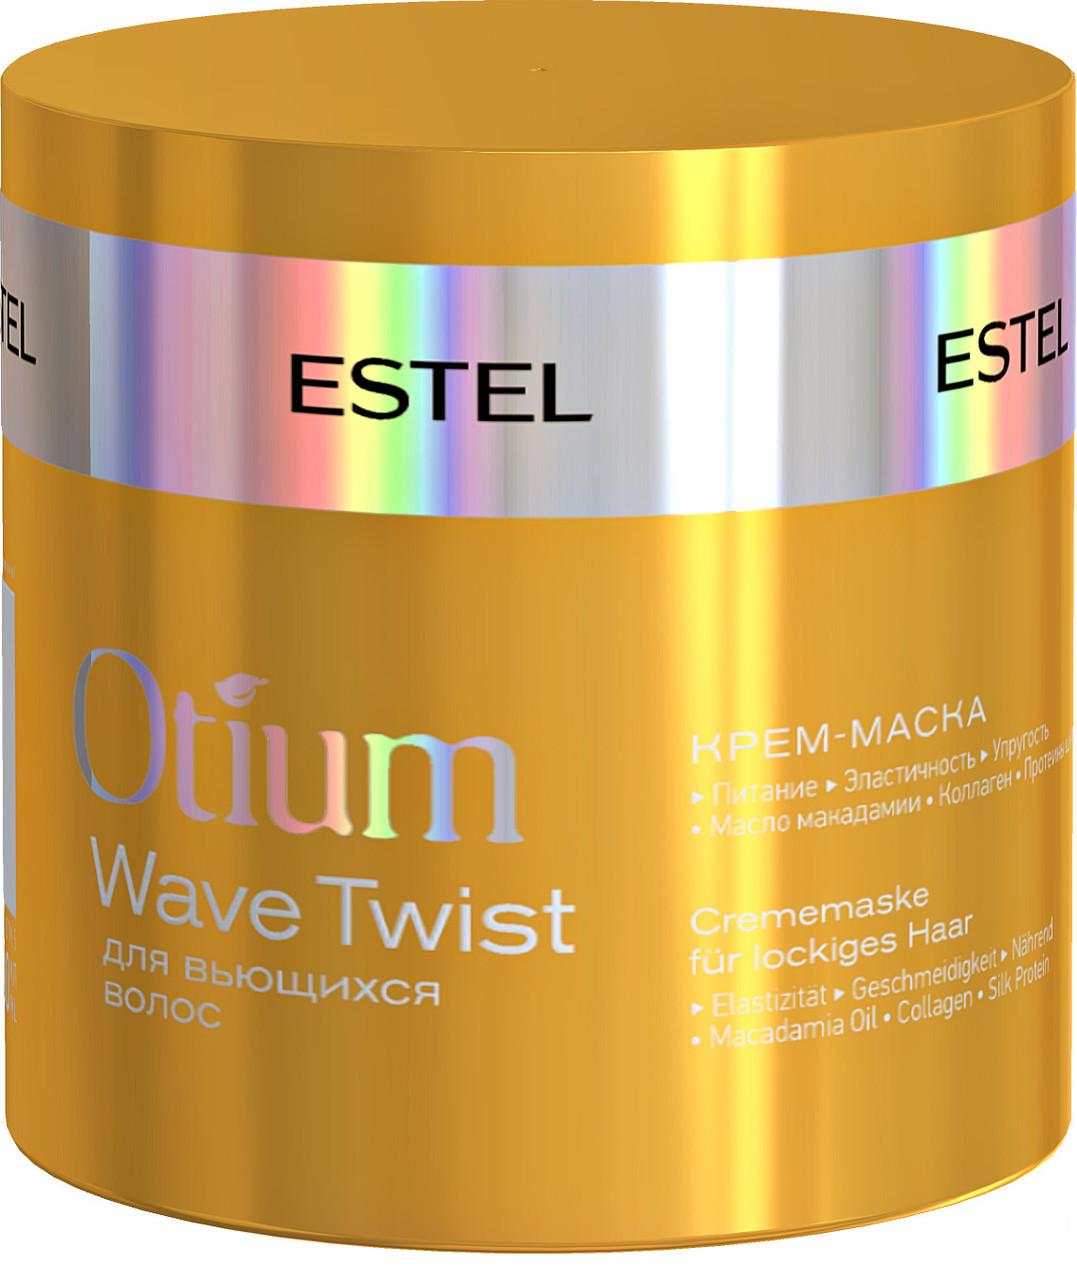 Крем-маска для кудрявых волос Estel OTIUM WAVE TWIST, 300 мл